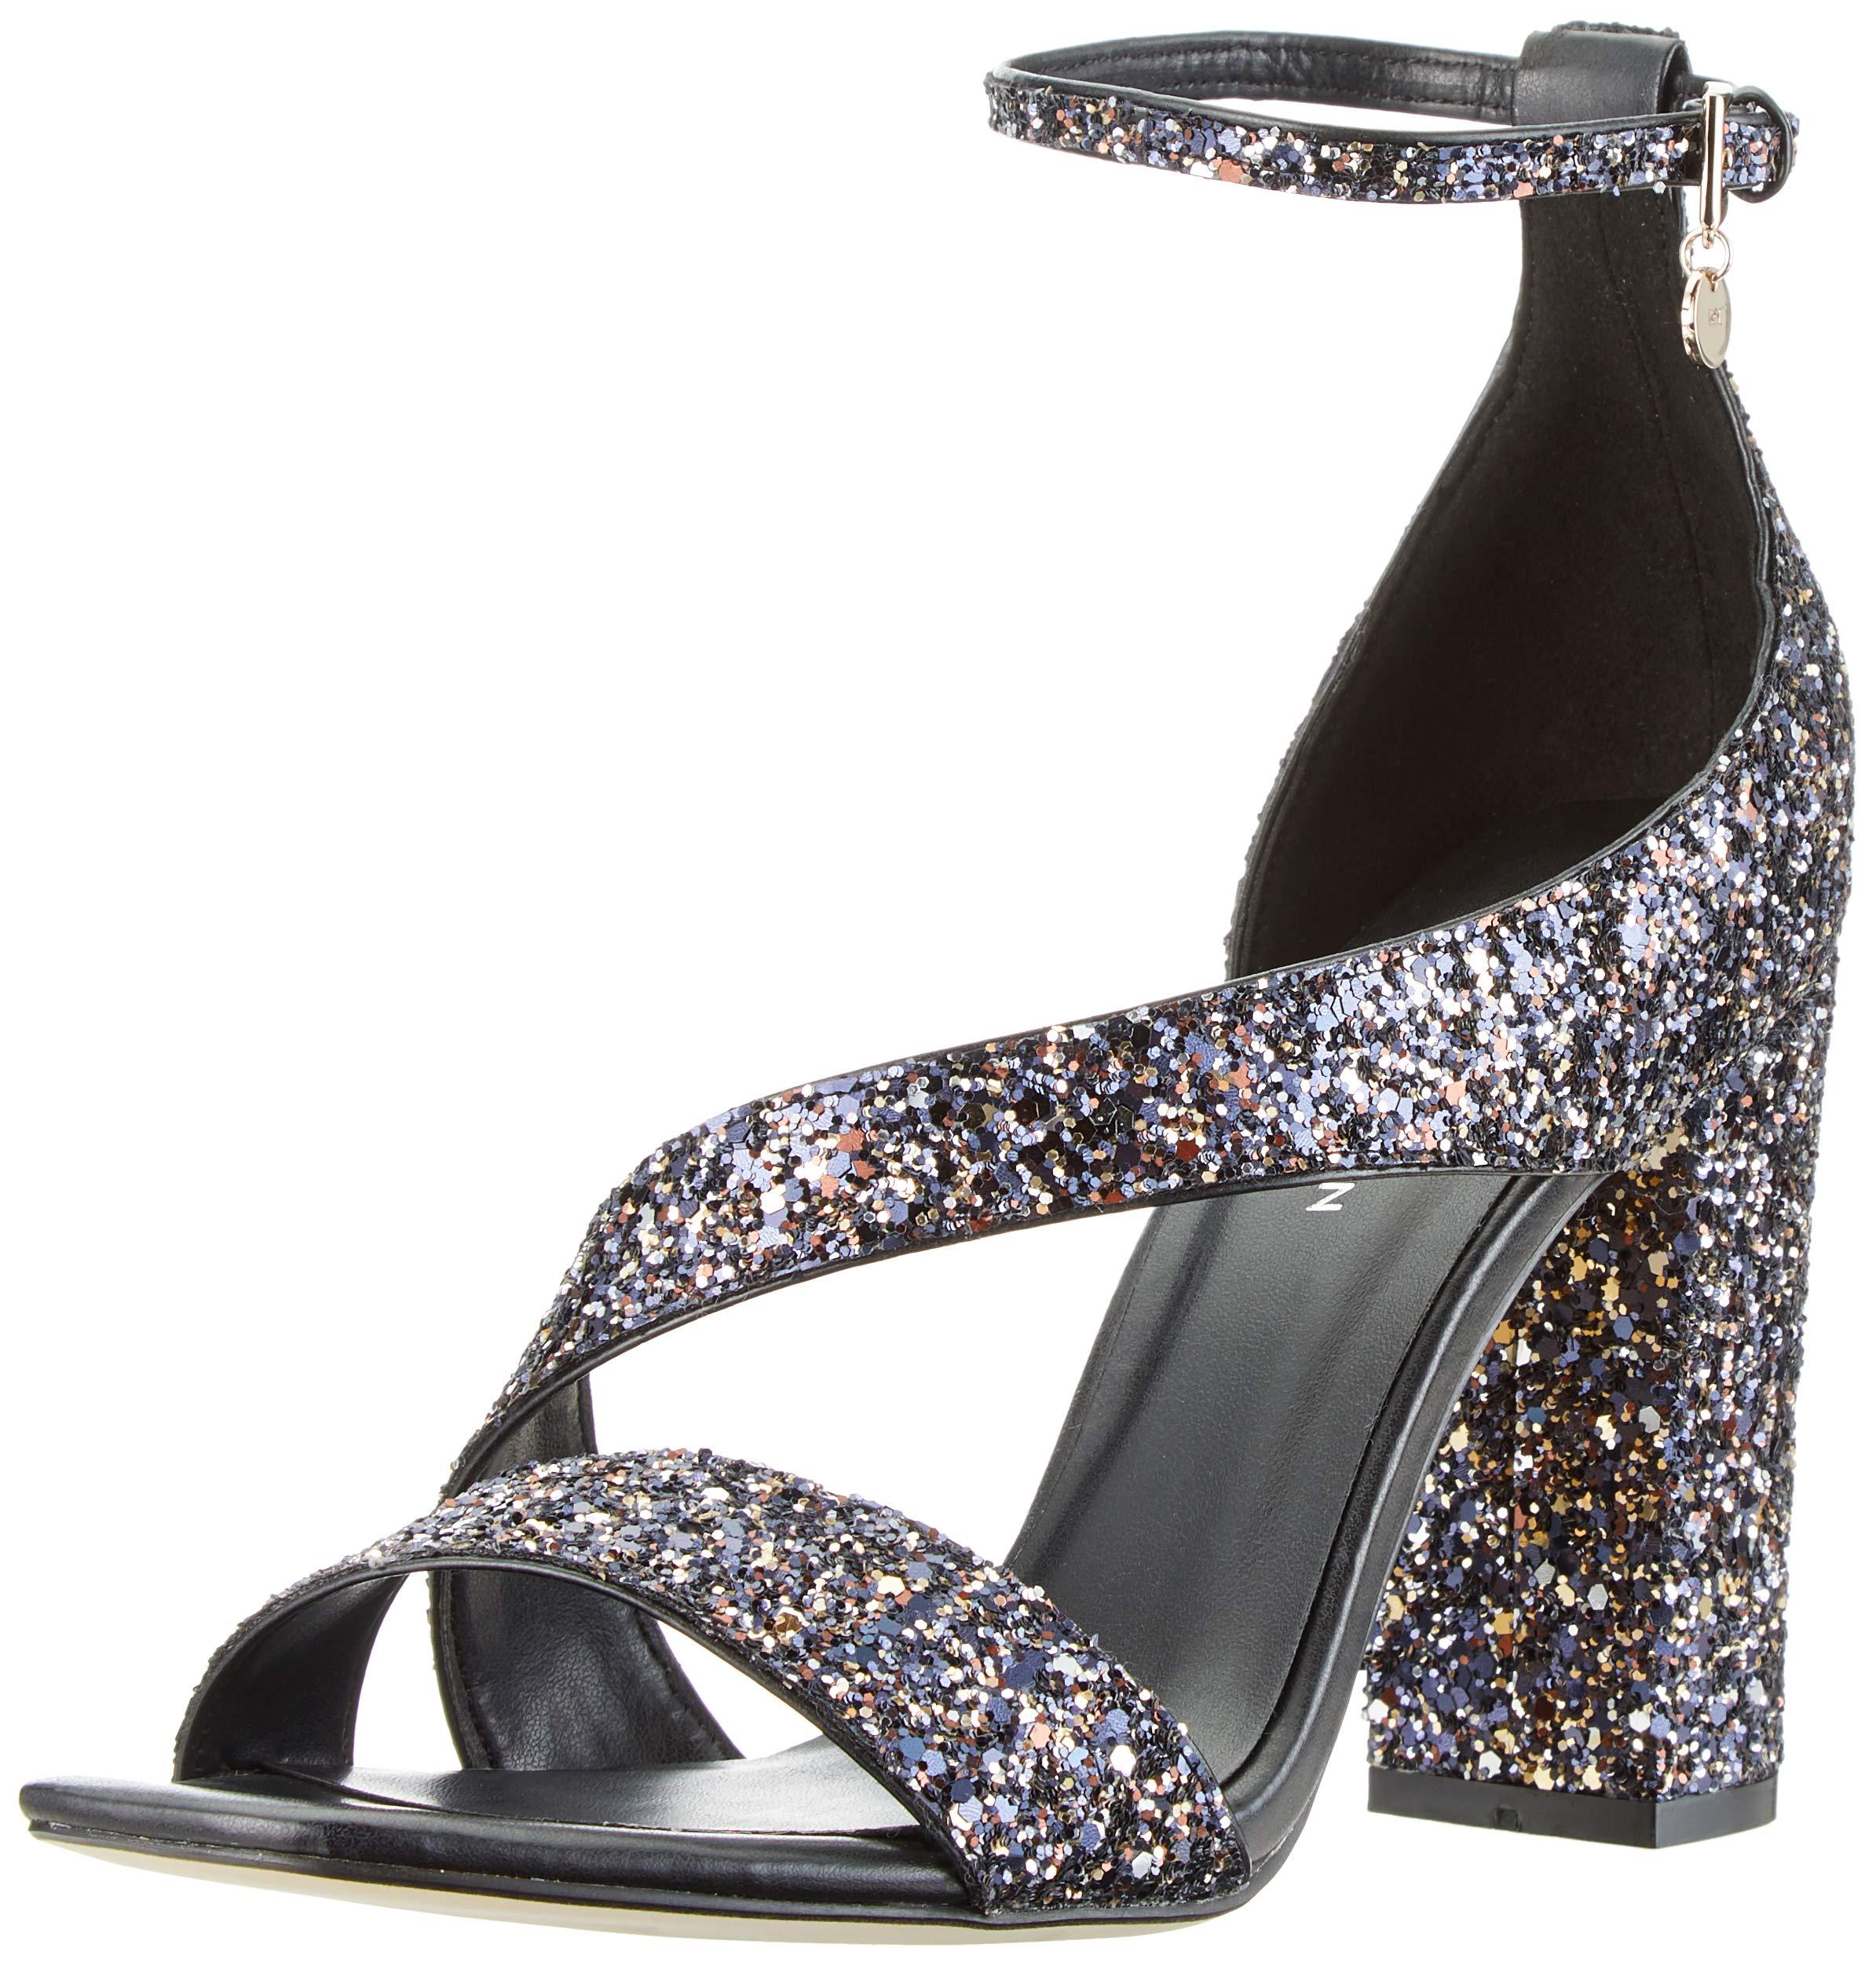 Millen multi heel 0240 Limited Bout FemmeNoirblack Eu Karen Fashions Glitter Ouvert Block SandalsEscarpins wOk8P0XNn